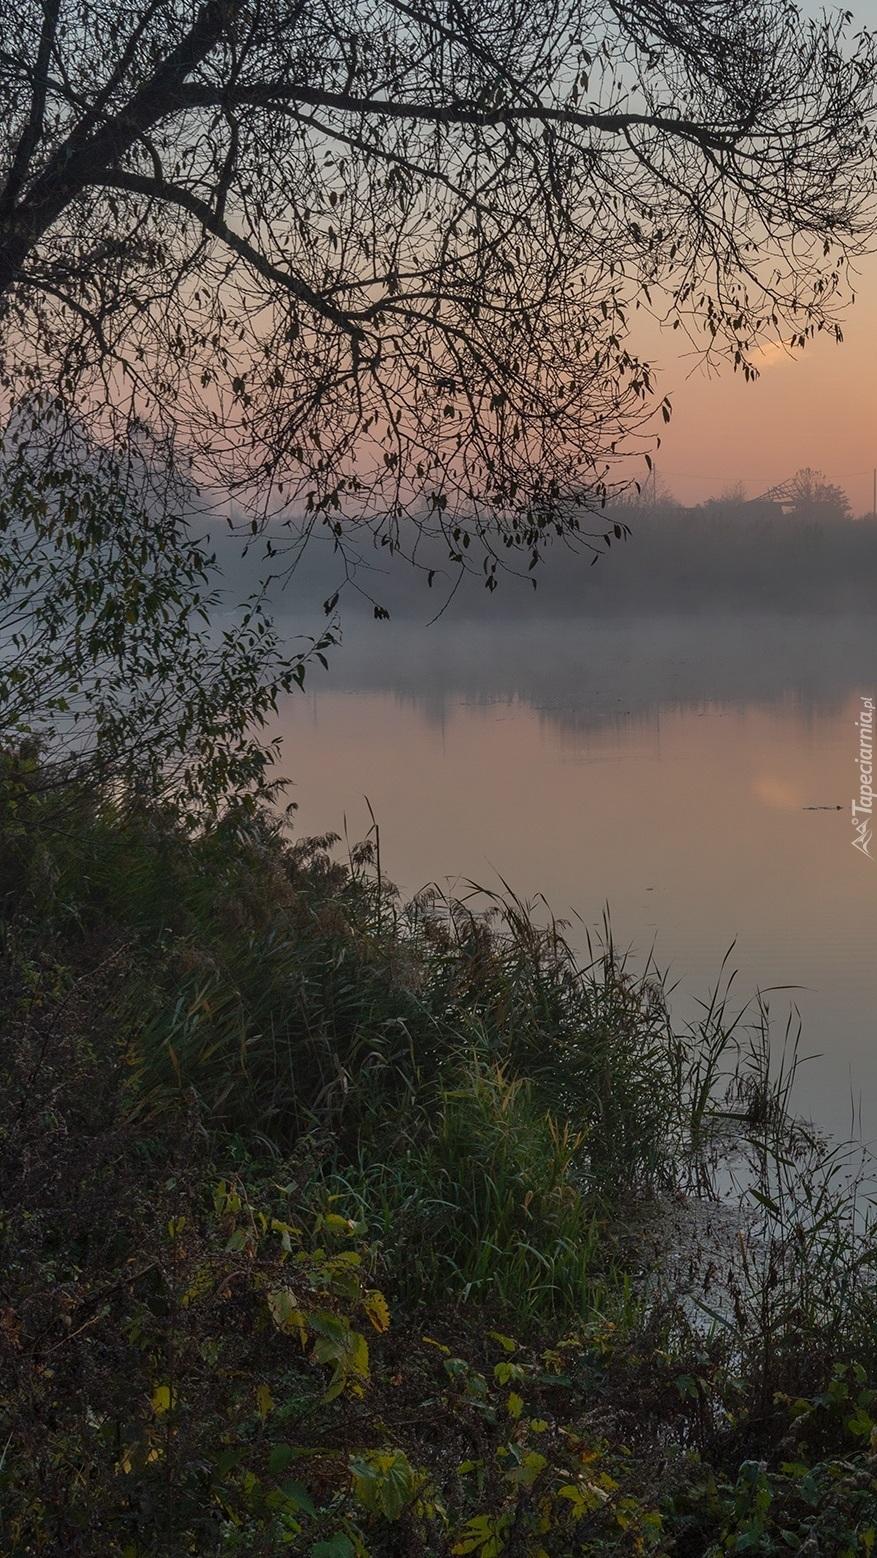 Drzewo i trawy nad brzegiem jeziora